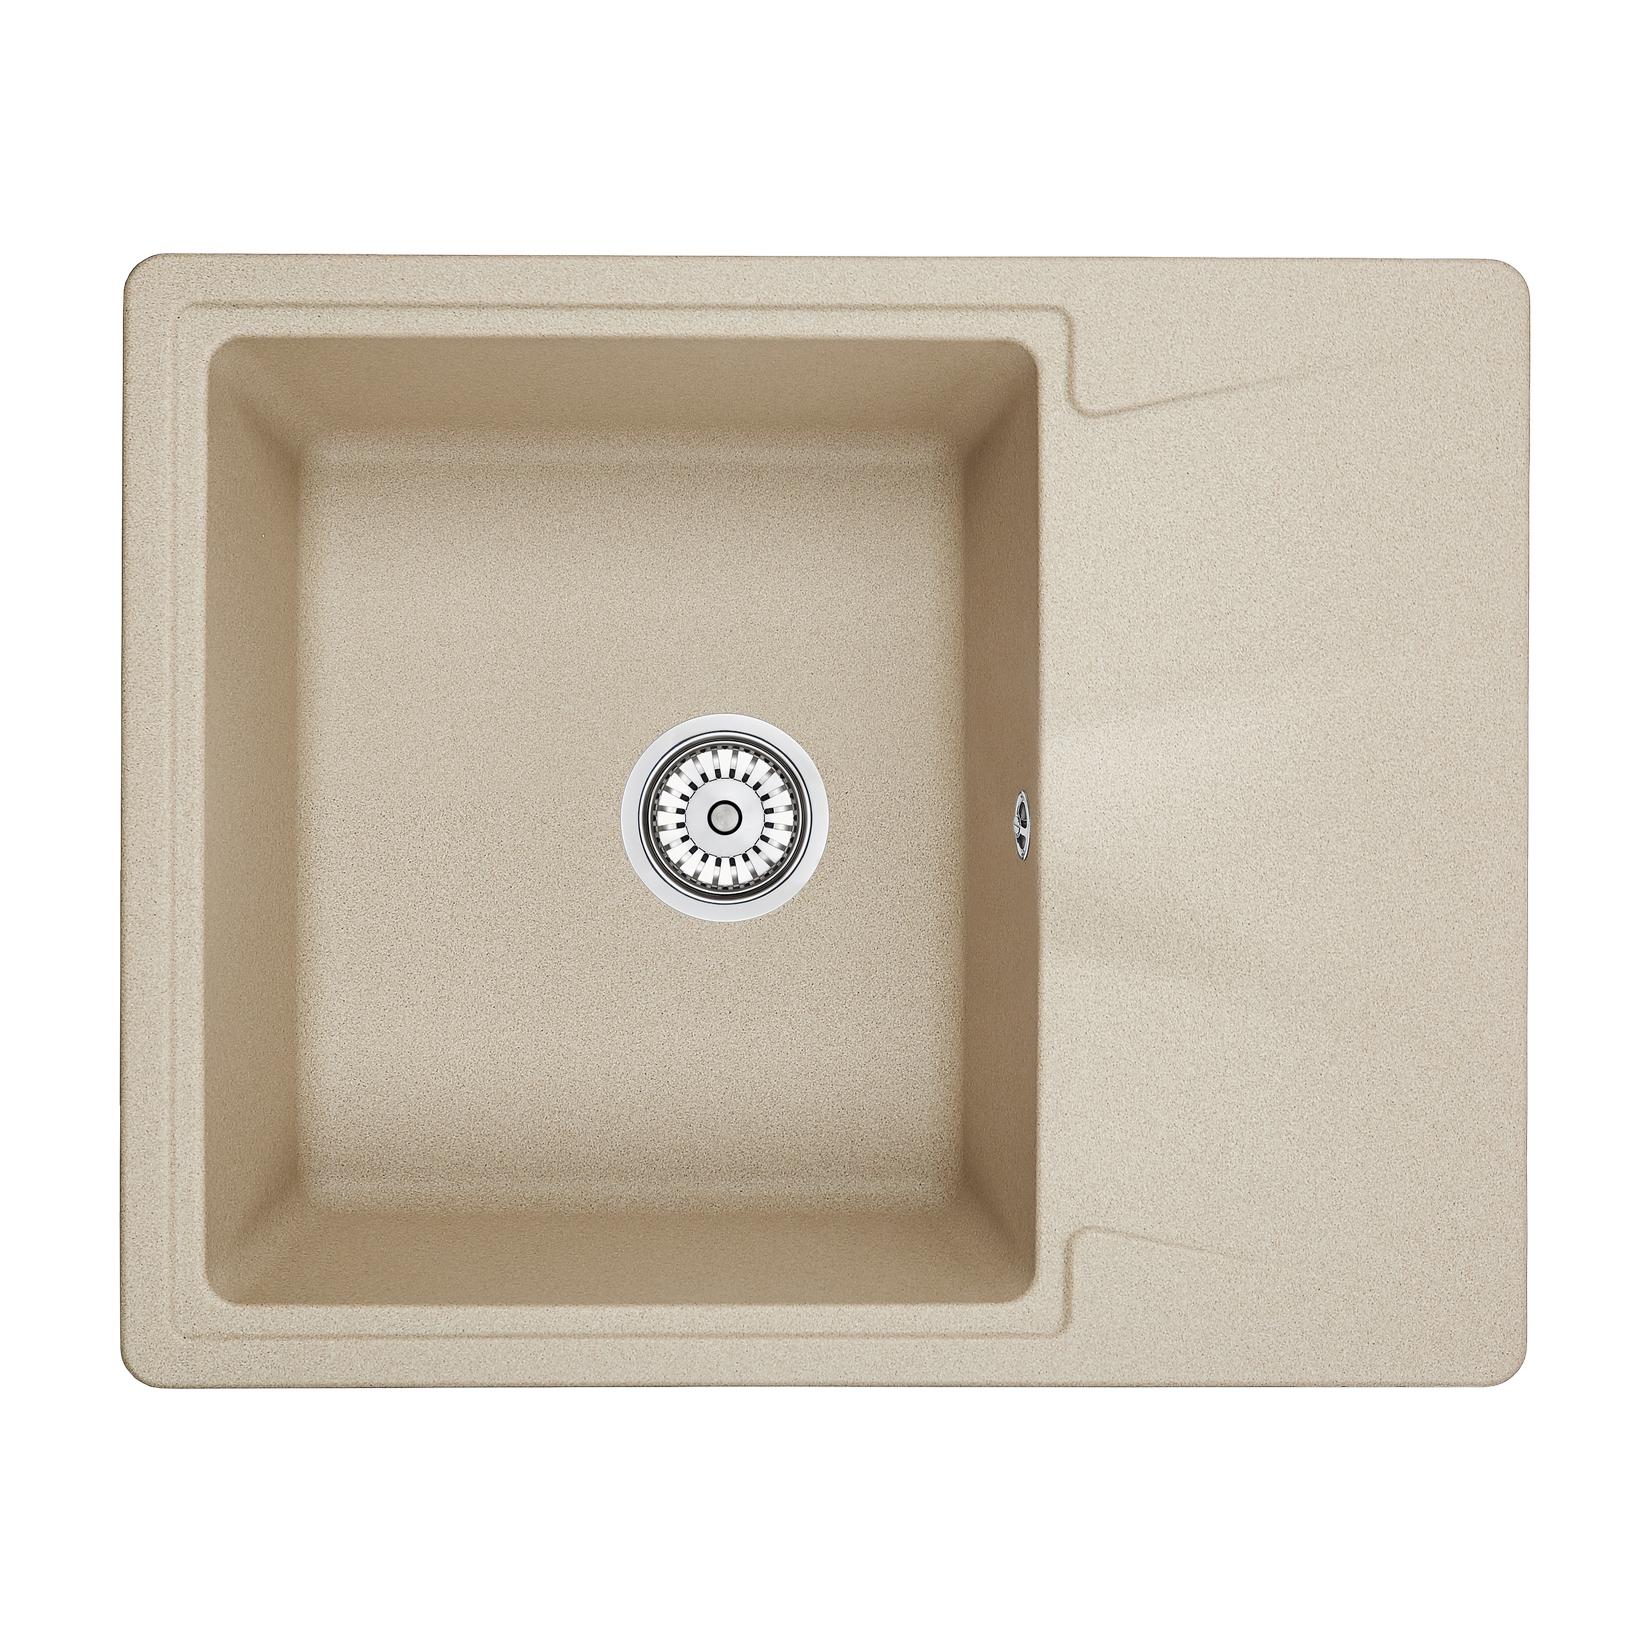 Кухонная мойка Granula GR-6201 620х500 песок кухонная мойка granula gr 6201 620х500 песок